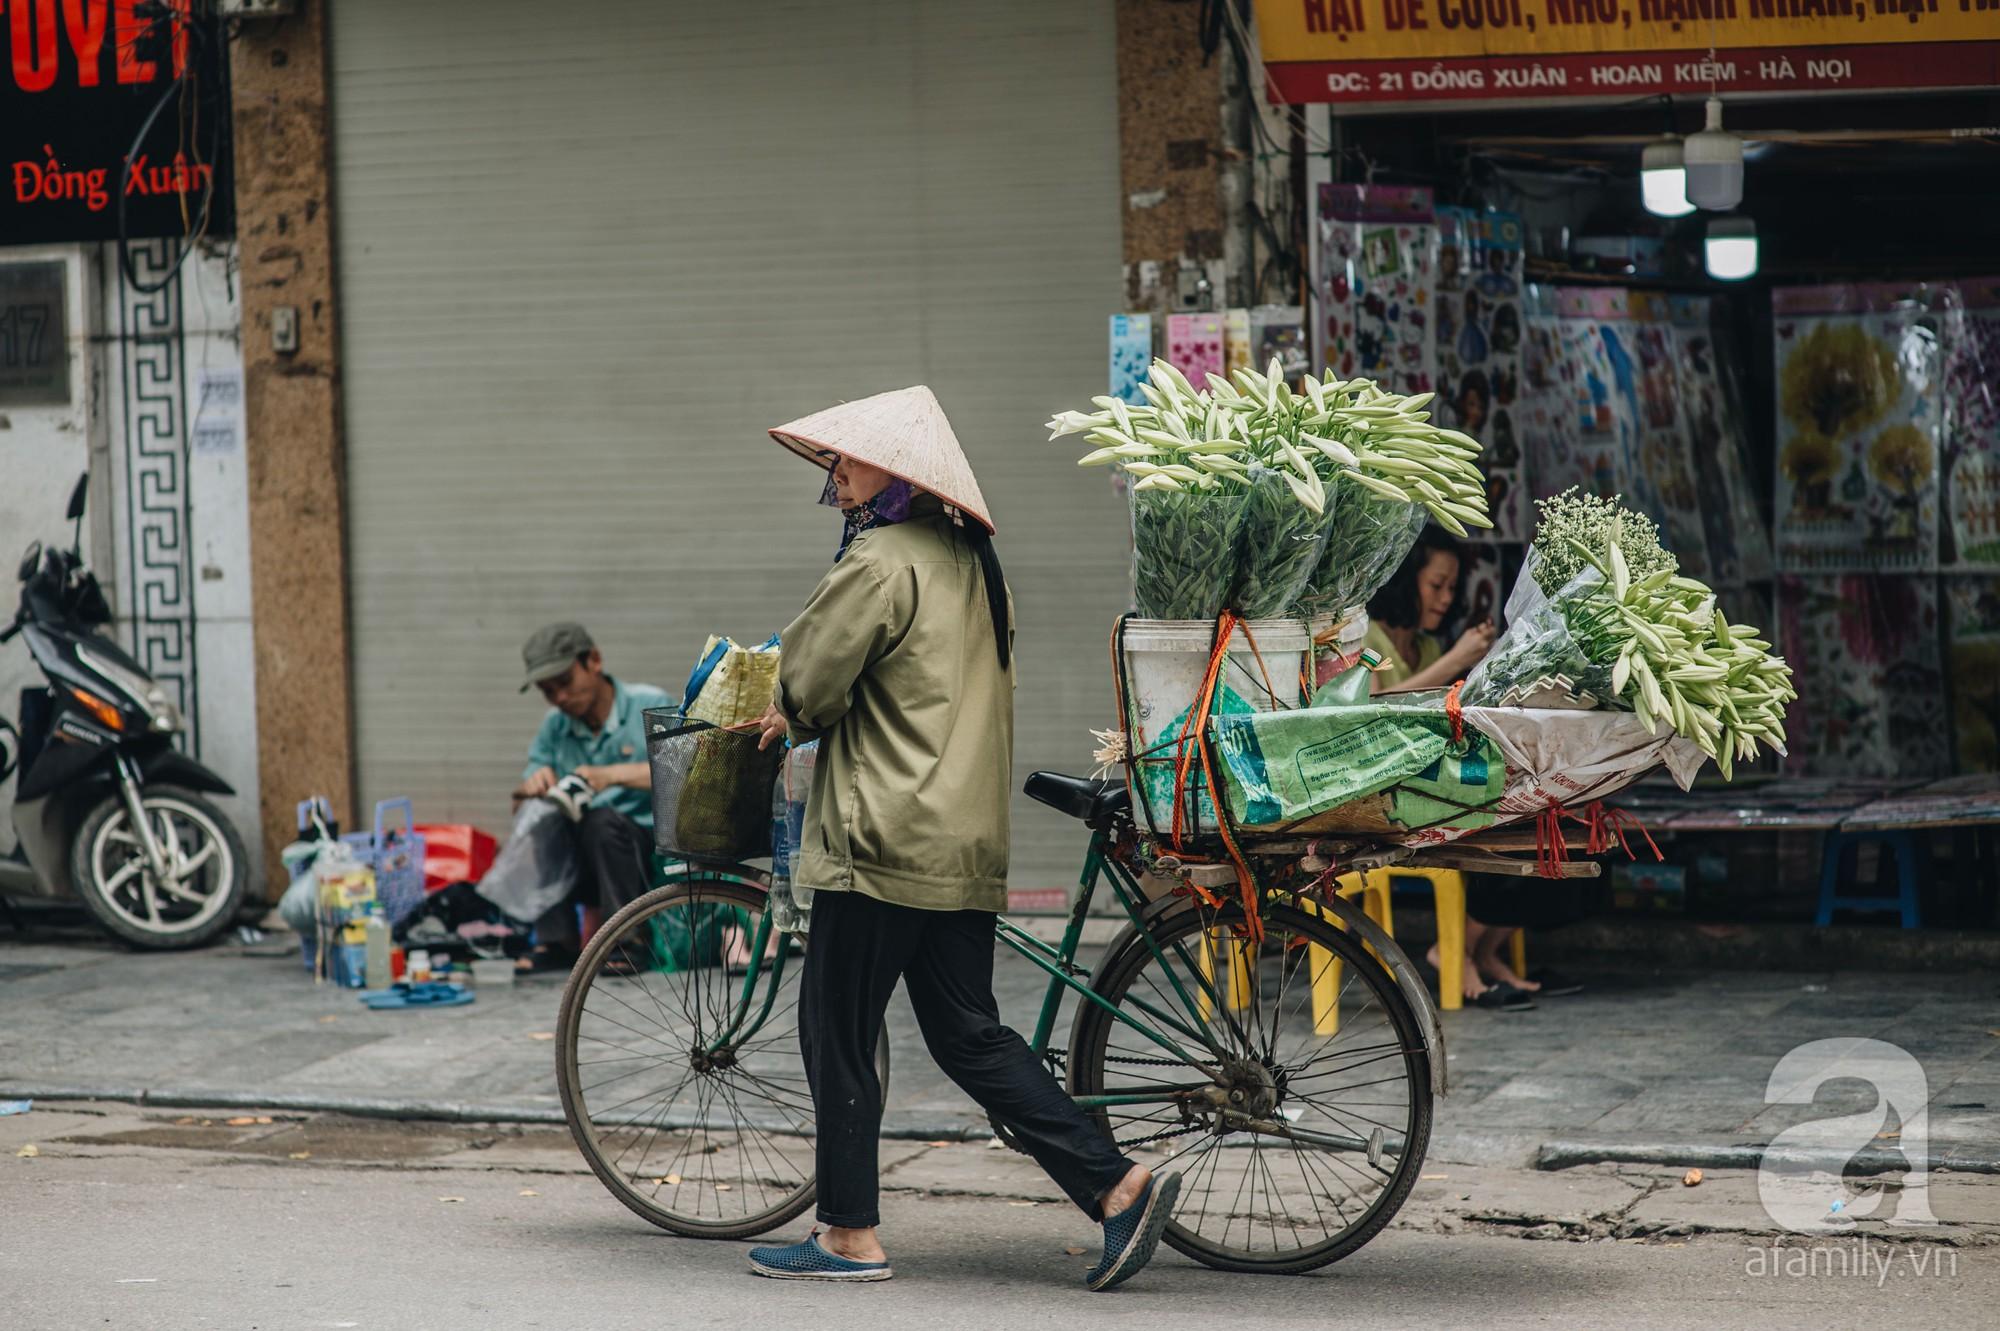 Tháng 4 về, Hà Nội lại dịu dàng những gánh loa kèn trắng tinh khôi, thơm nồng nàn khắp các góc phố-11